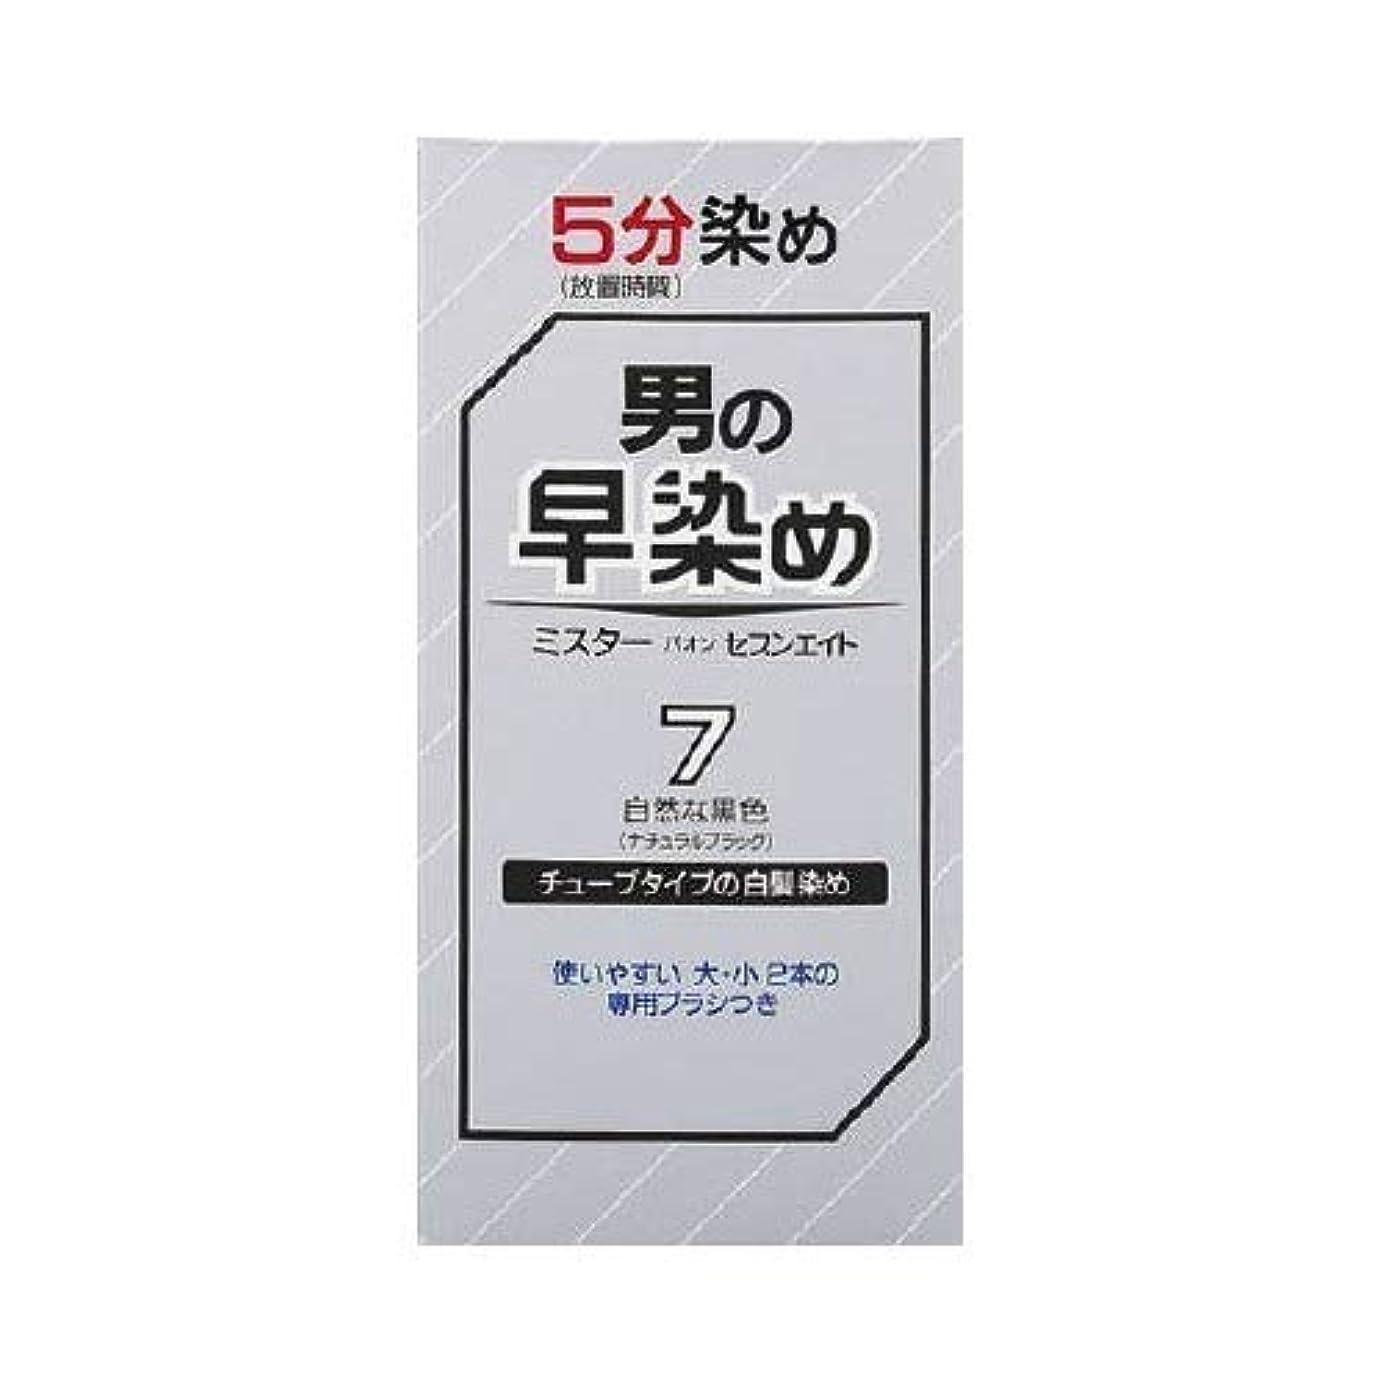 マチュピチュショートカットカカドゥミスターパオンセブンエイト 7(1セット)